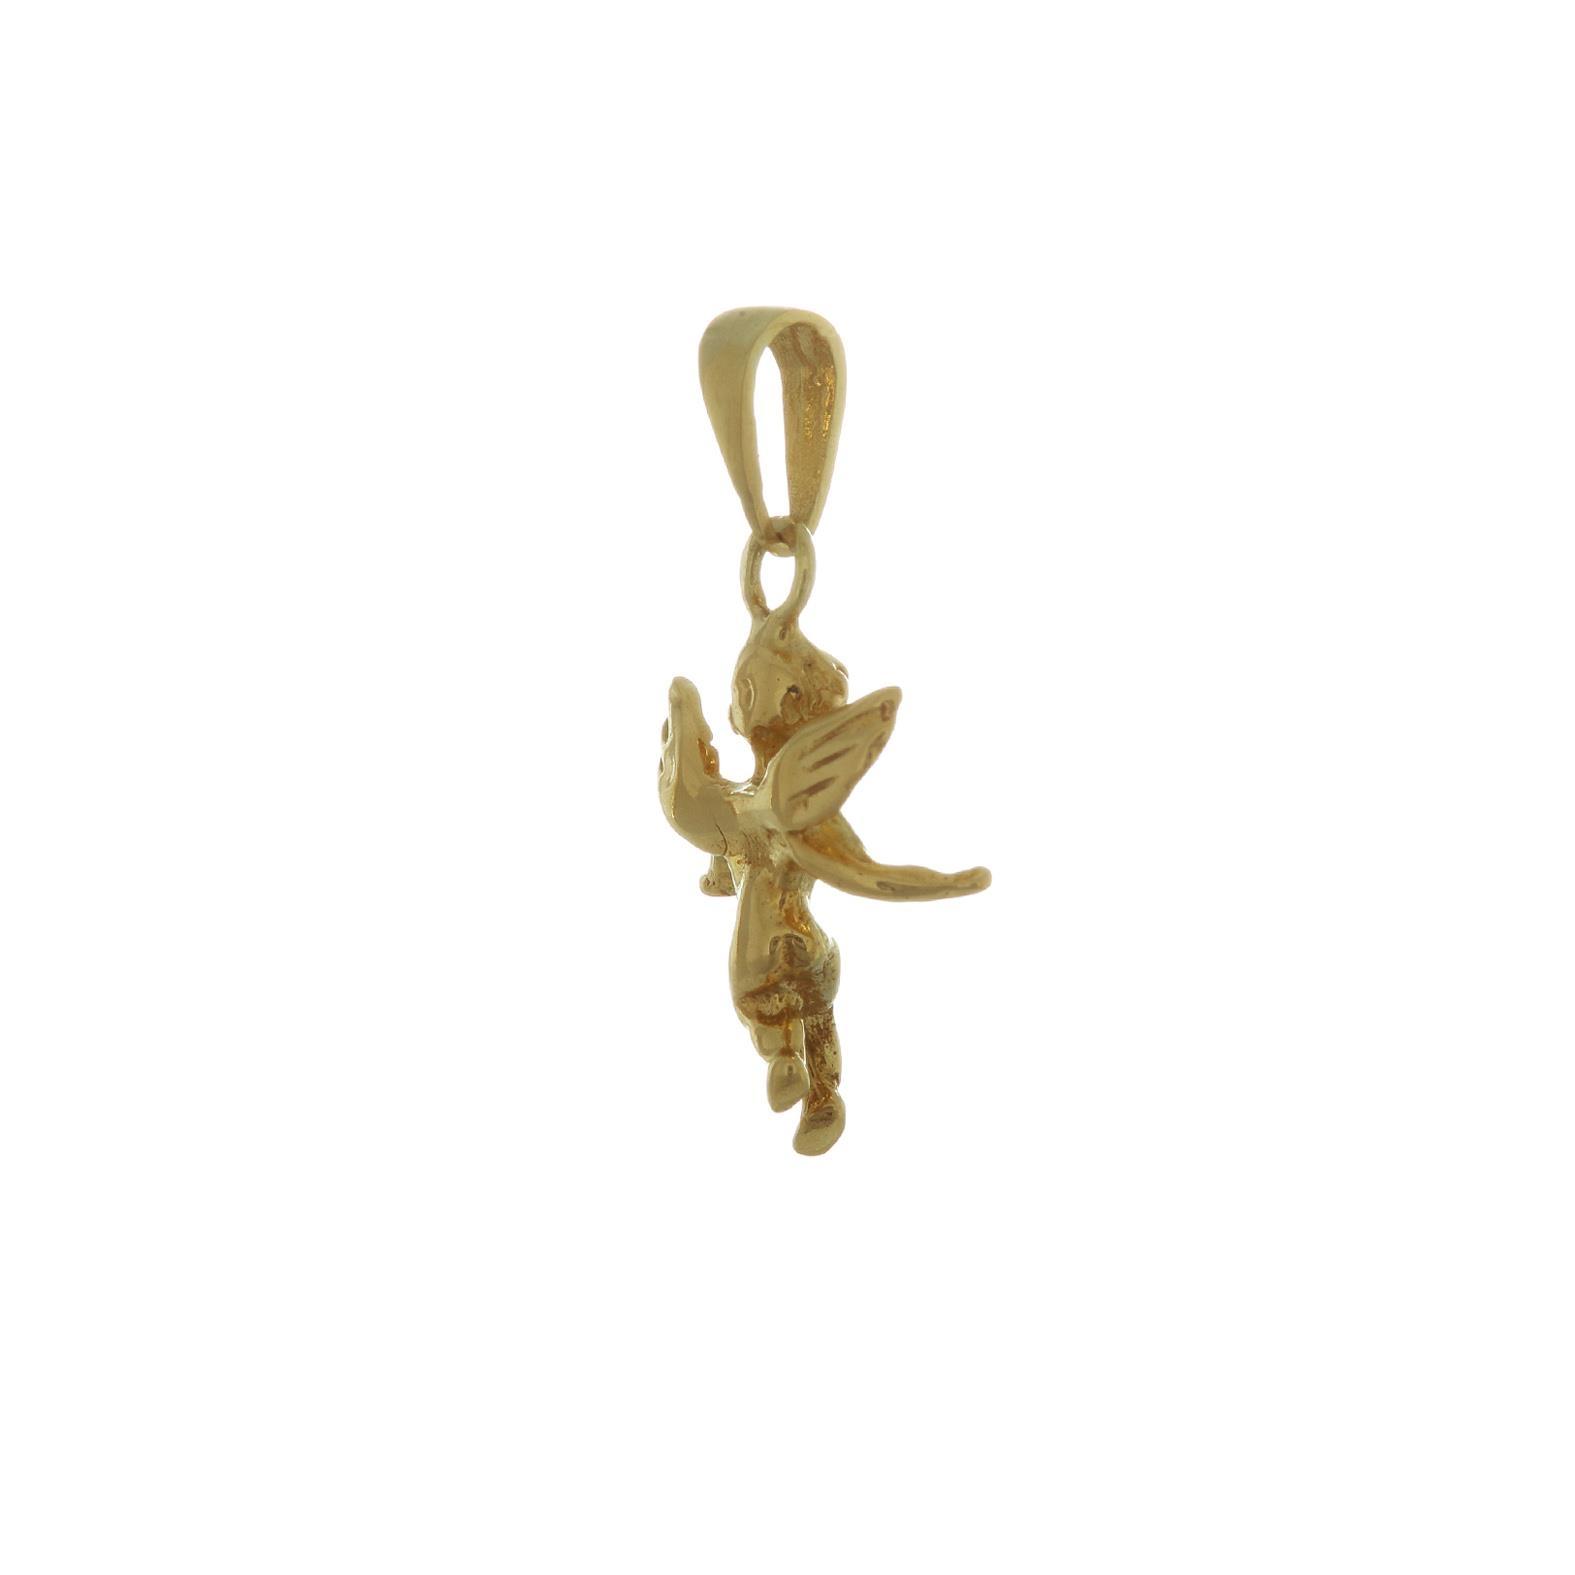 ... zlatý prívesok anjelik 3 bd9cbebc32e